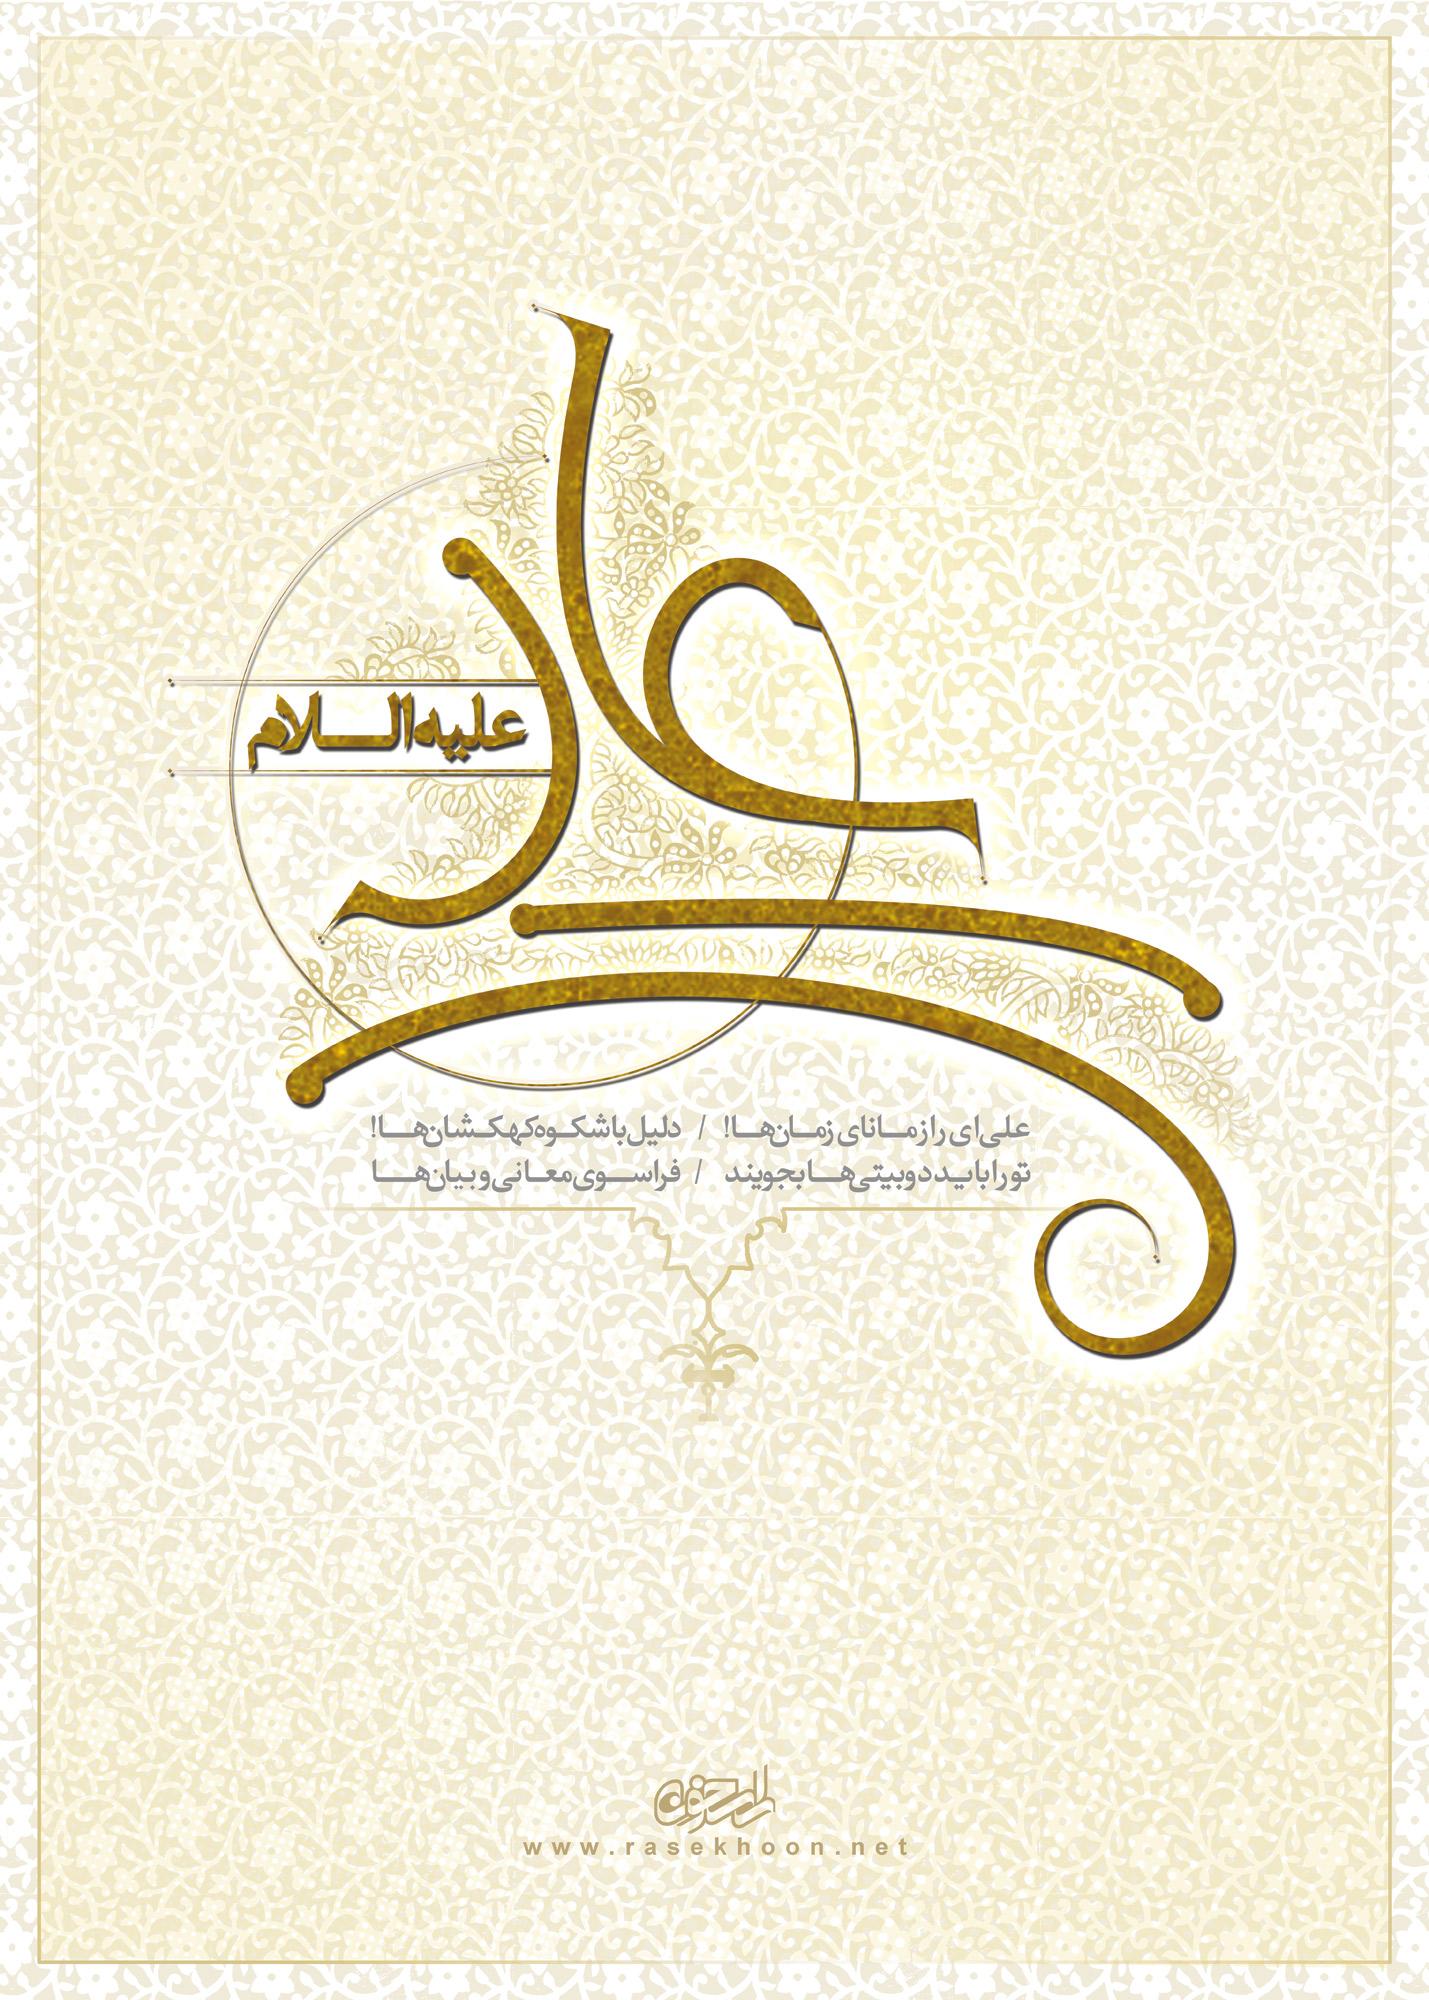 ۱۳رجب ولادت حضرت علی (ع) ویژه نامه ولادت امیرالمومنین علی (ع) 01 poster11111